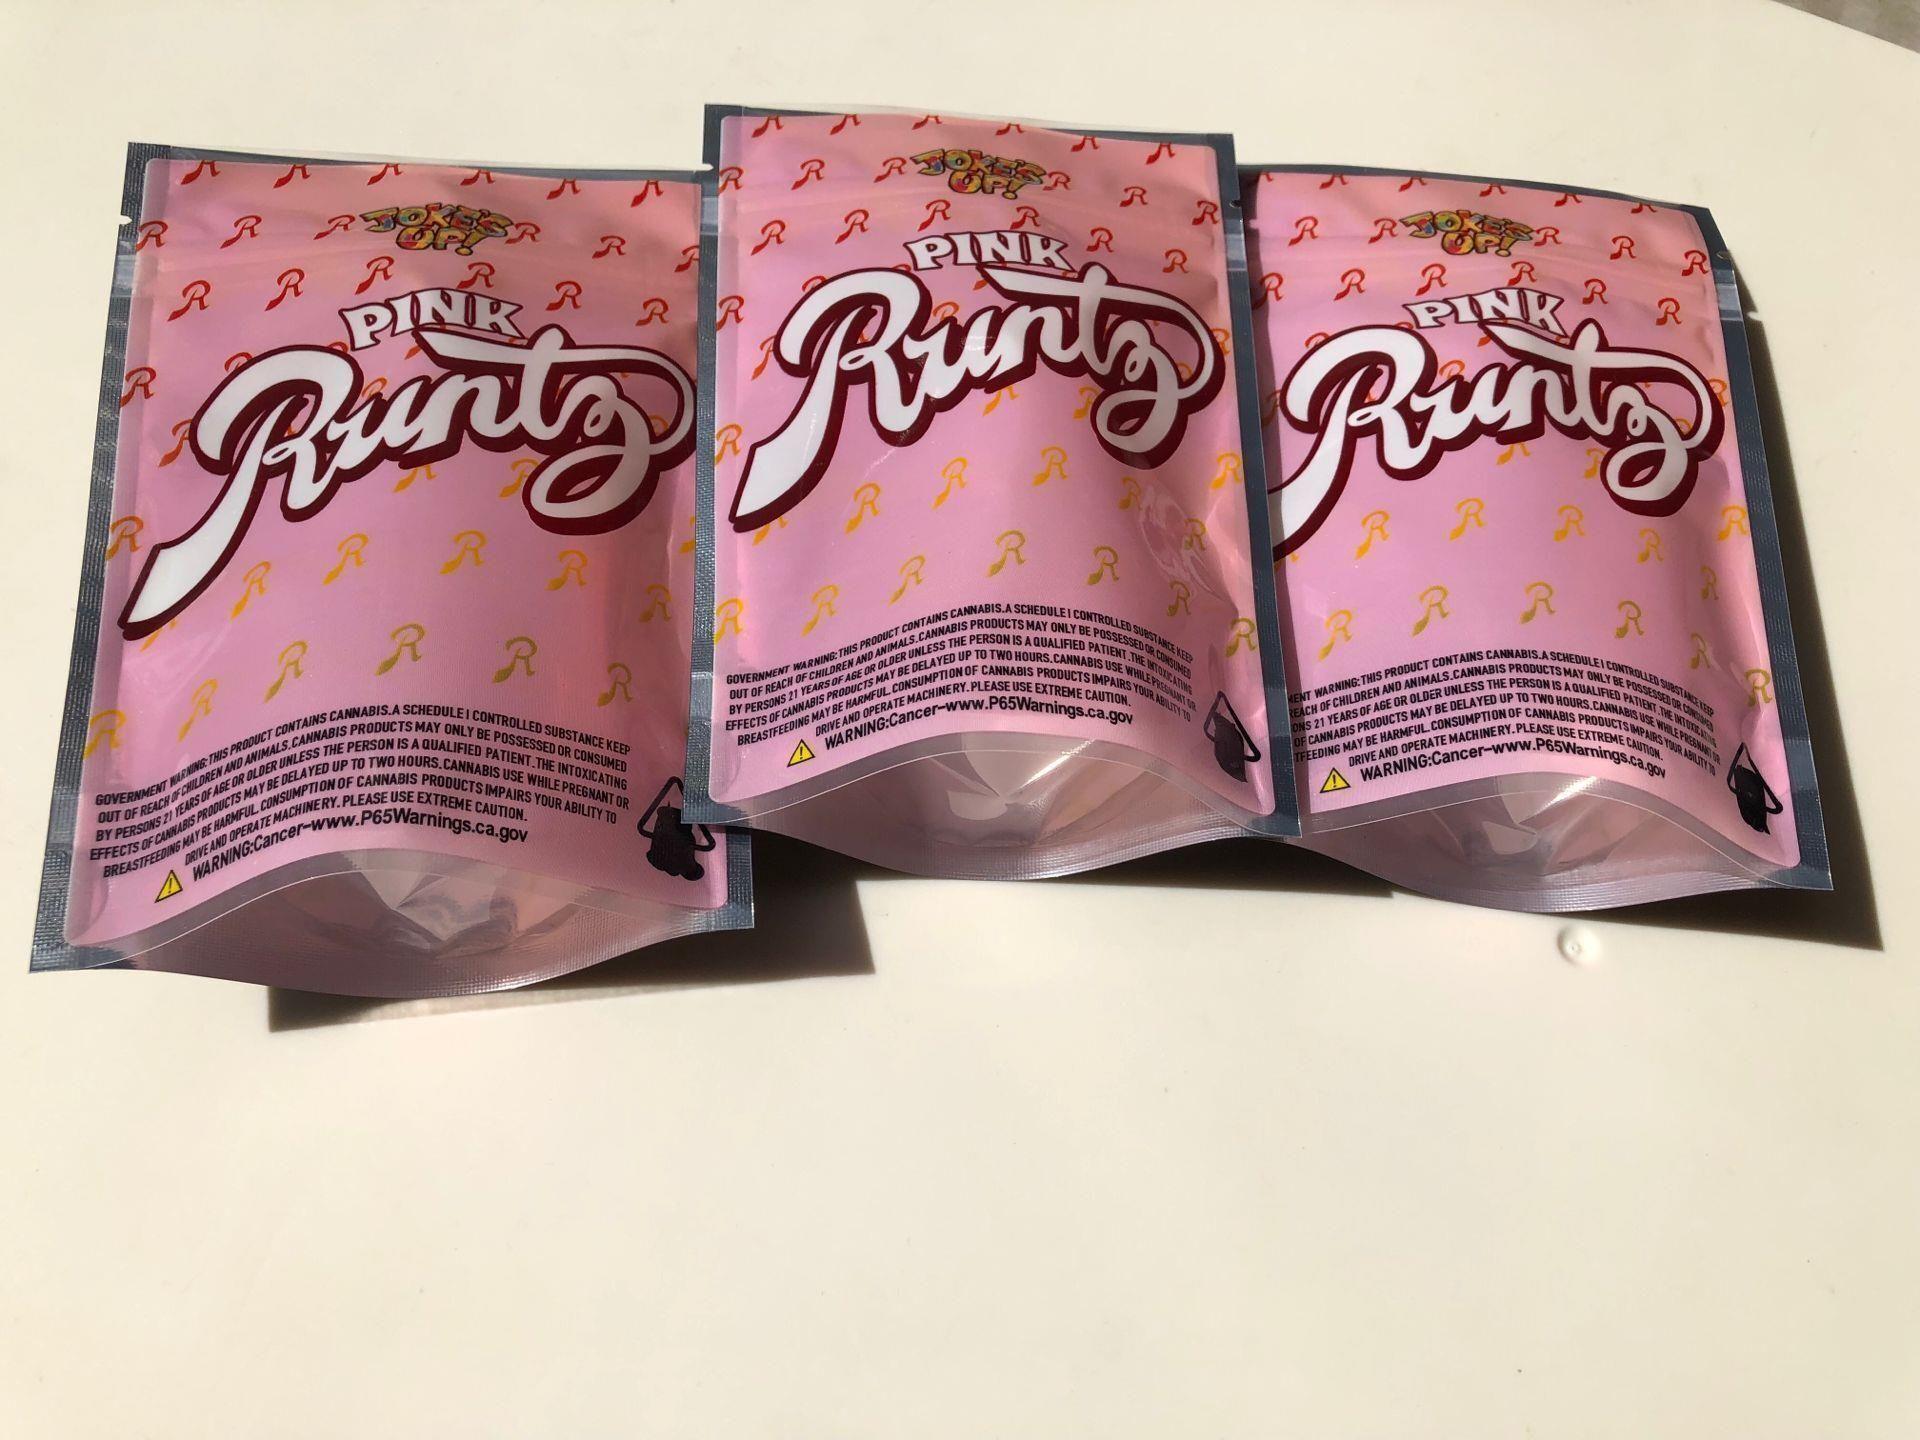 Сумка Runtz Pink Up Сумки Сумки Сумки Местные 3.5-7G Пустой запах Mylar Bdesports Wmtull Доказательство VKHMX